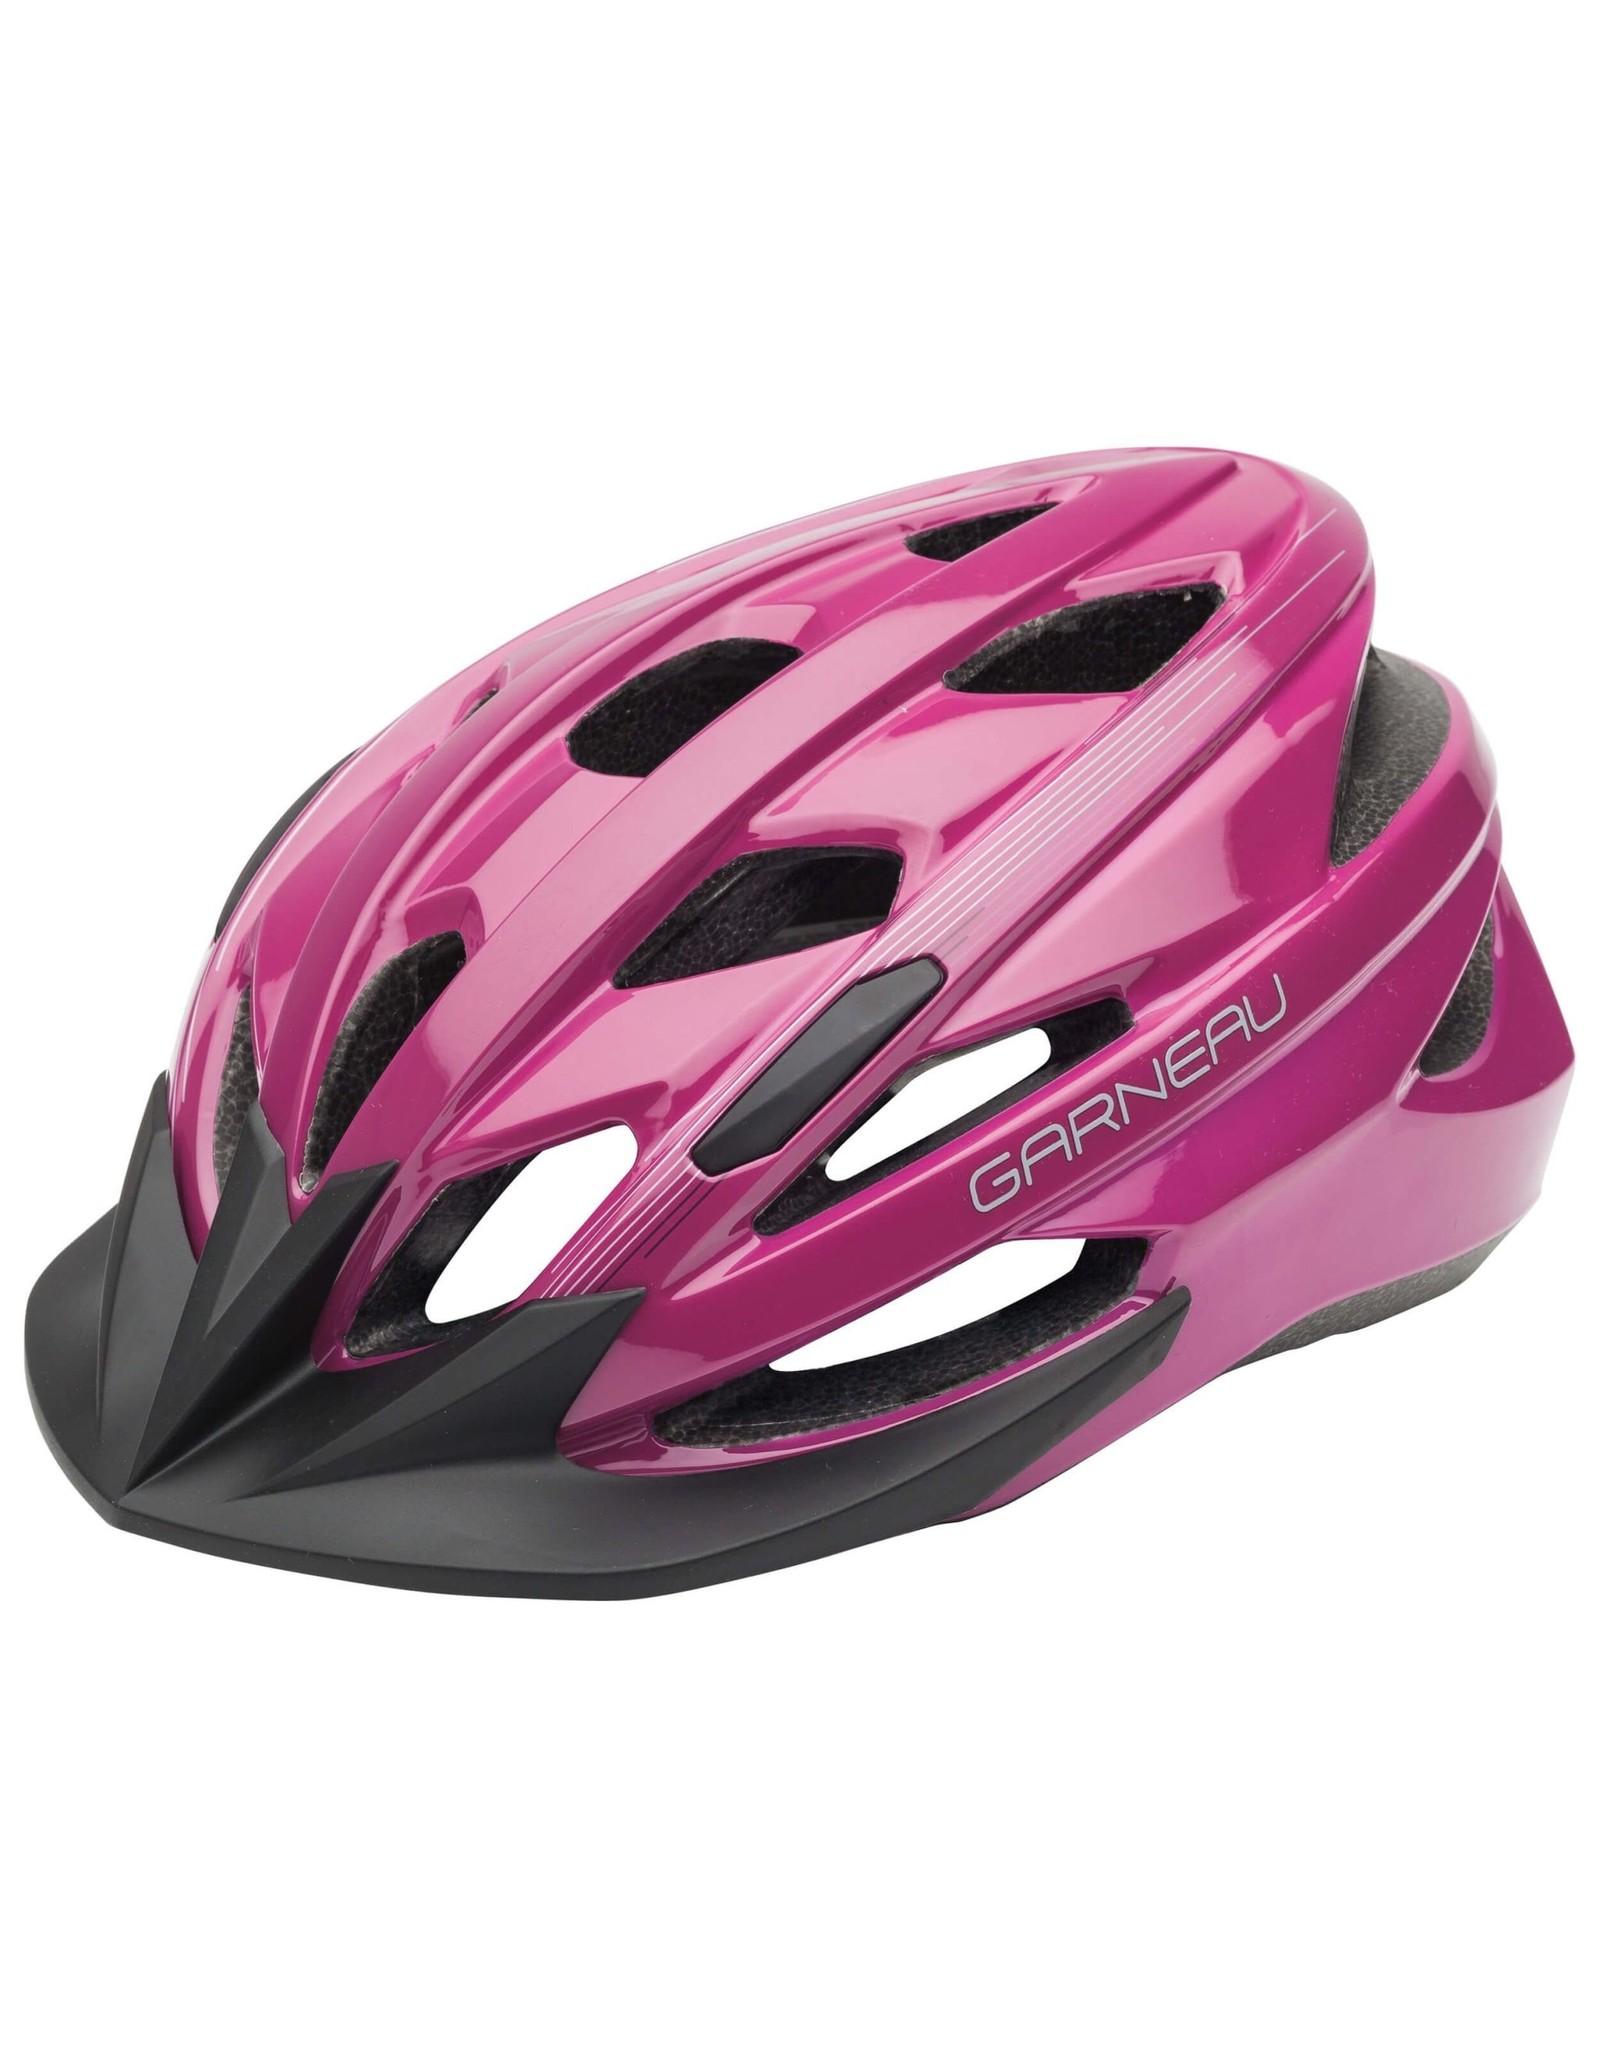 Garneau Helmet Garneau Tiffany